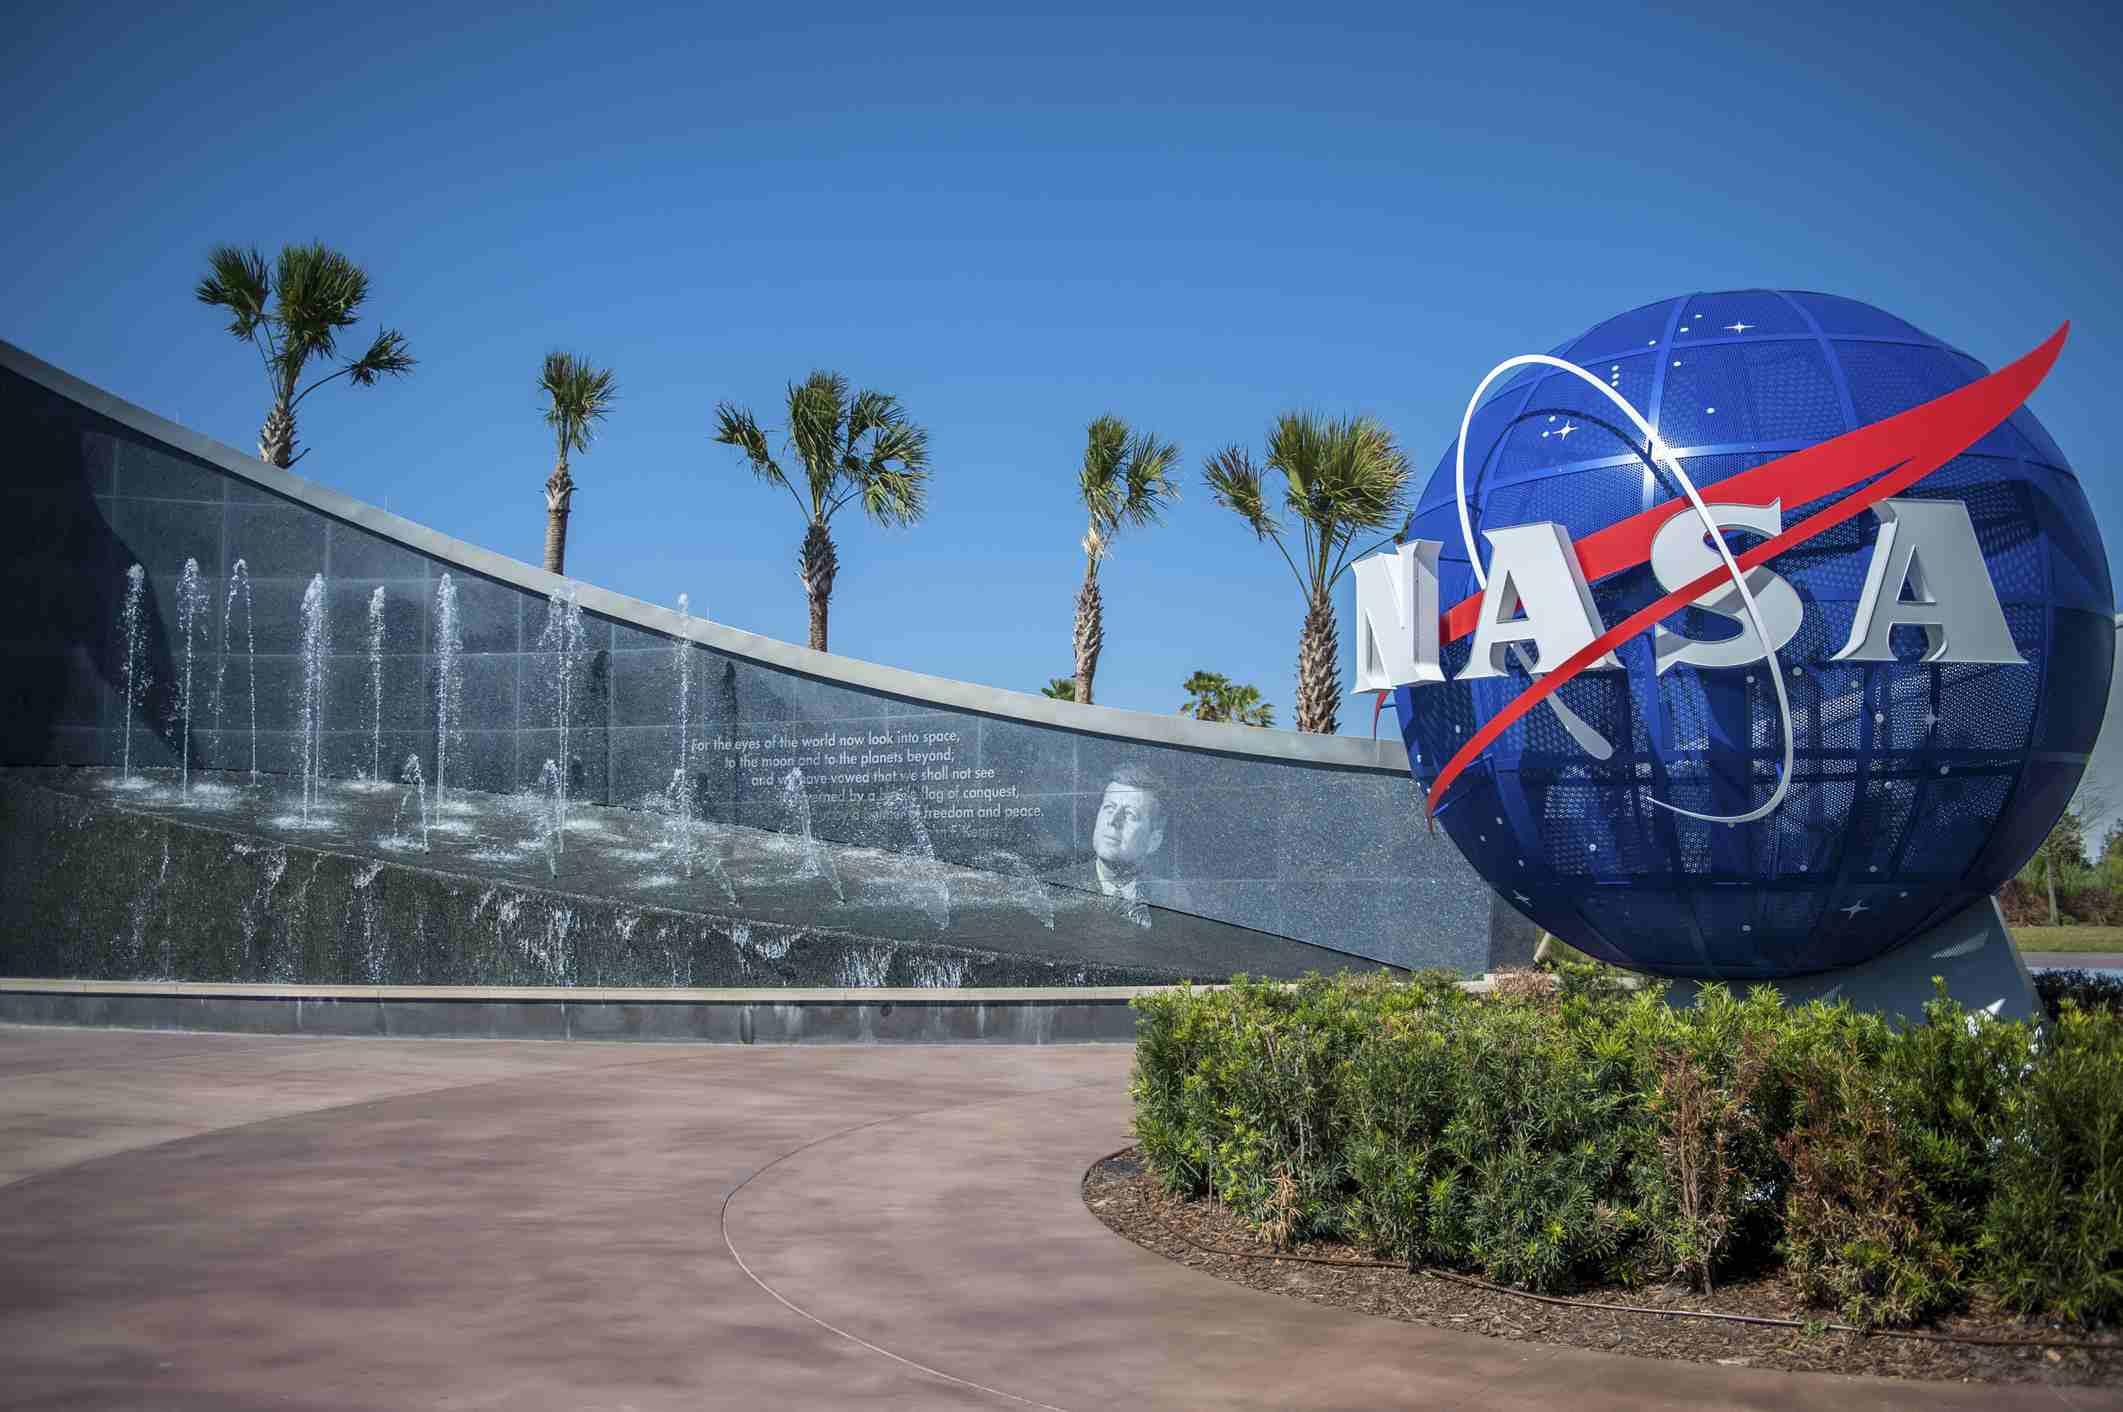 NASA Kennedy Space Center, Titusville, Florida